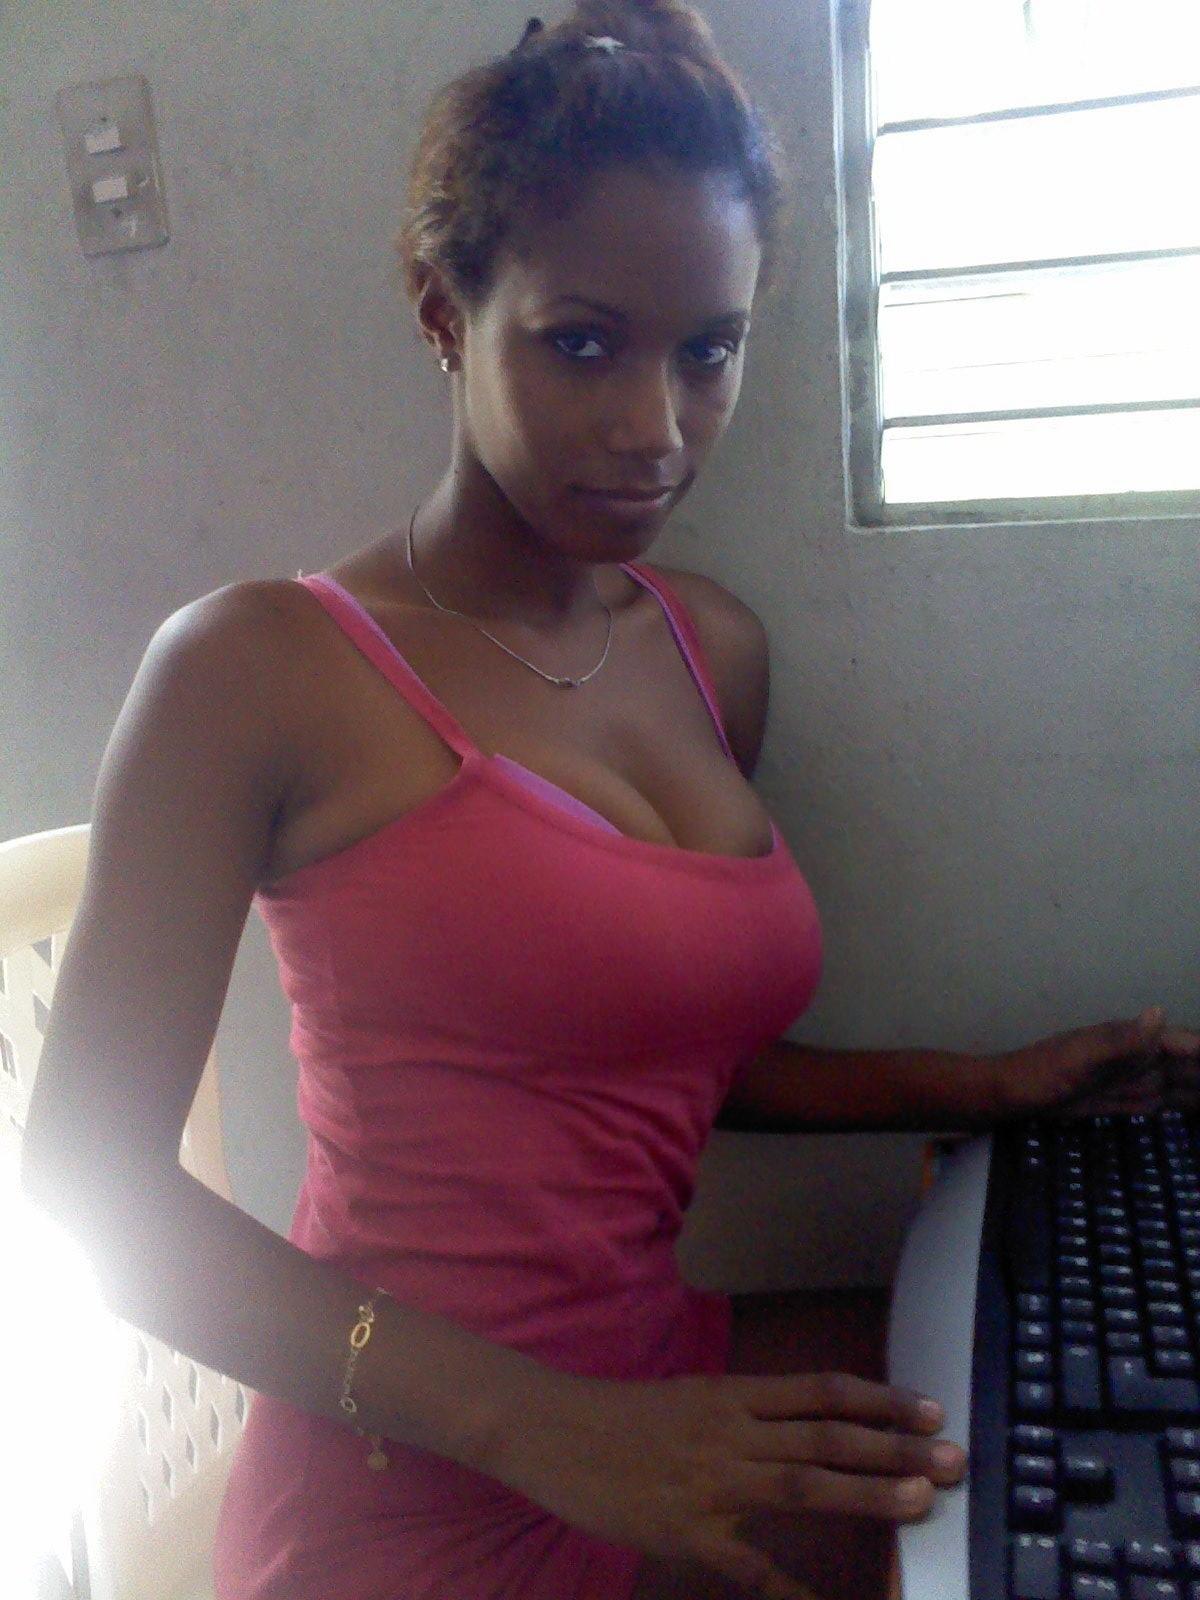 Dominicana Nude 53